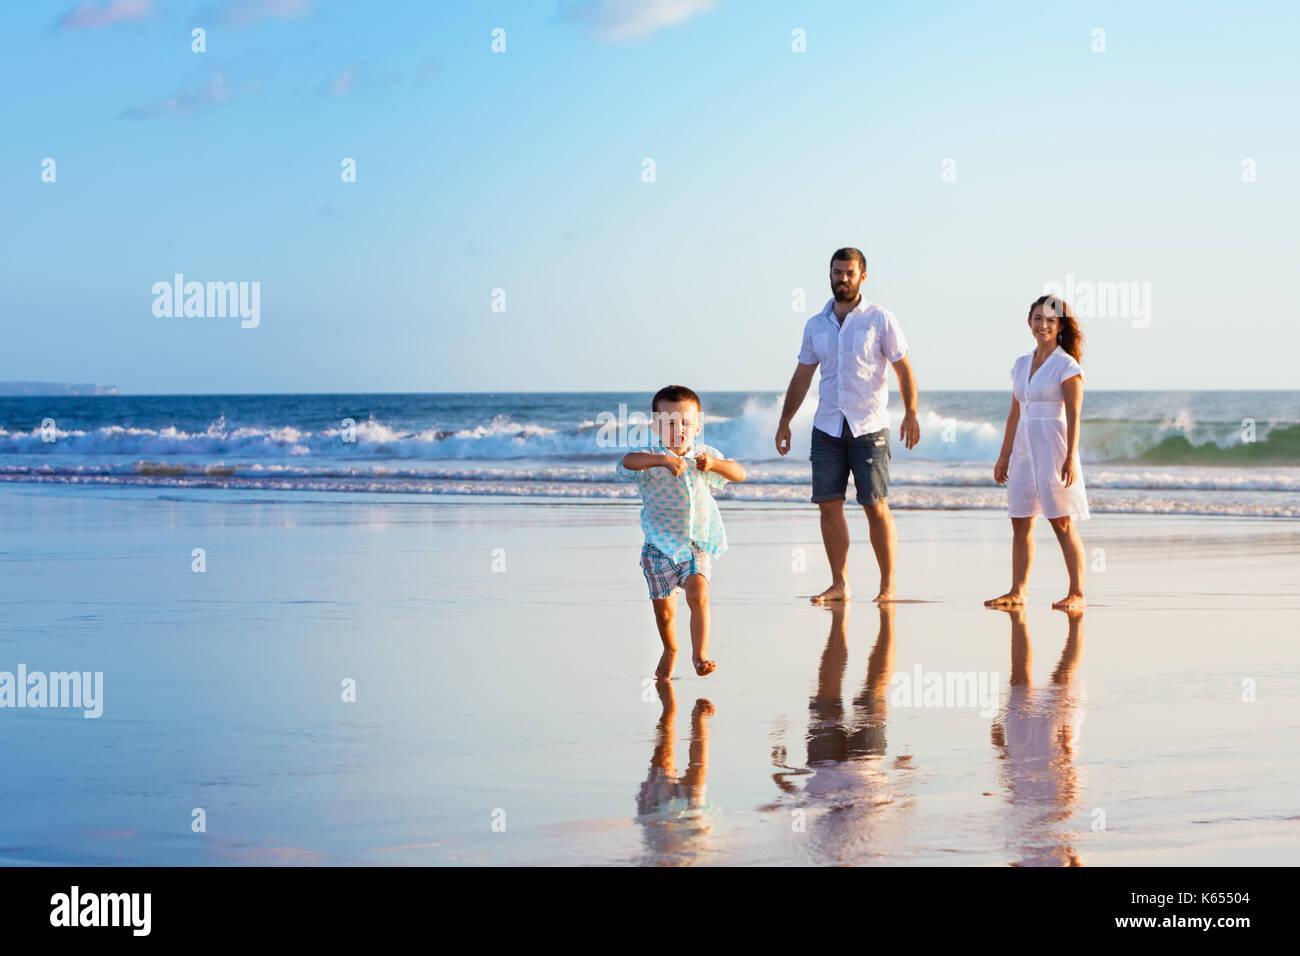 Glückliche Familie - Vater, Mutter, Sohn viel Spaß zusammen, Kinder laufen mit Spritzern von Wasser Pool entlang Sonnenuntergang Meer surfen auf schwarzem Sand Strand. Travel lif Stockbild